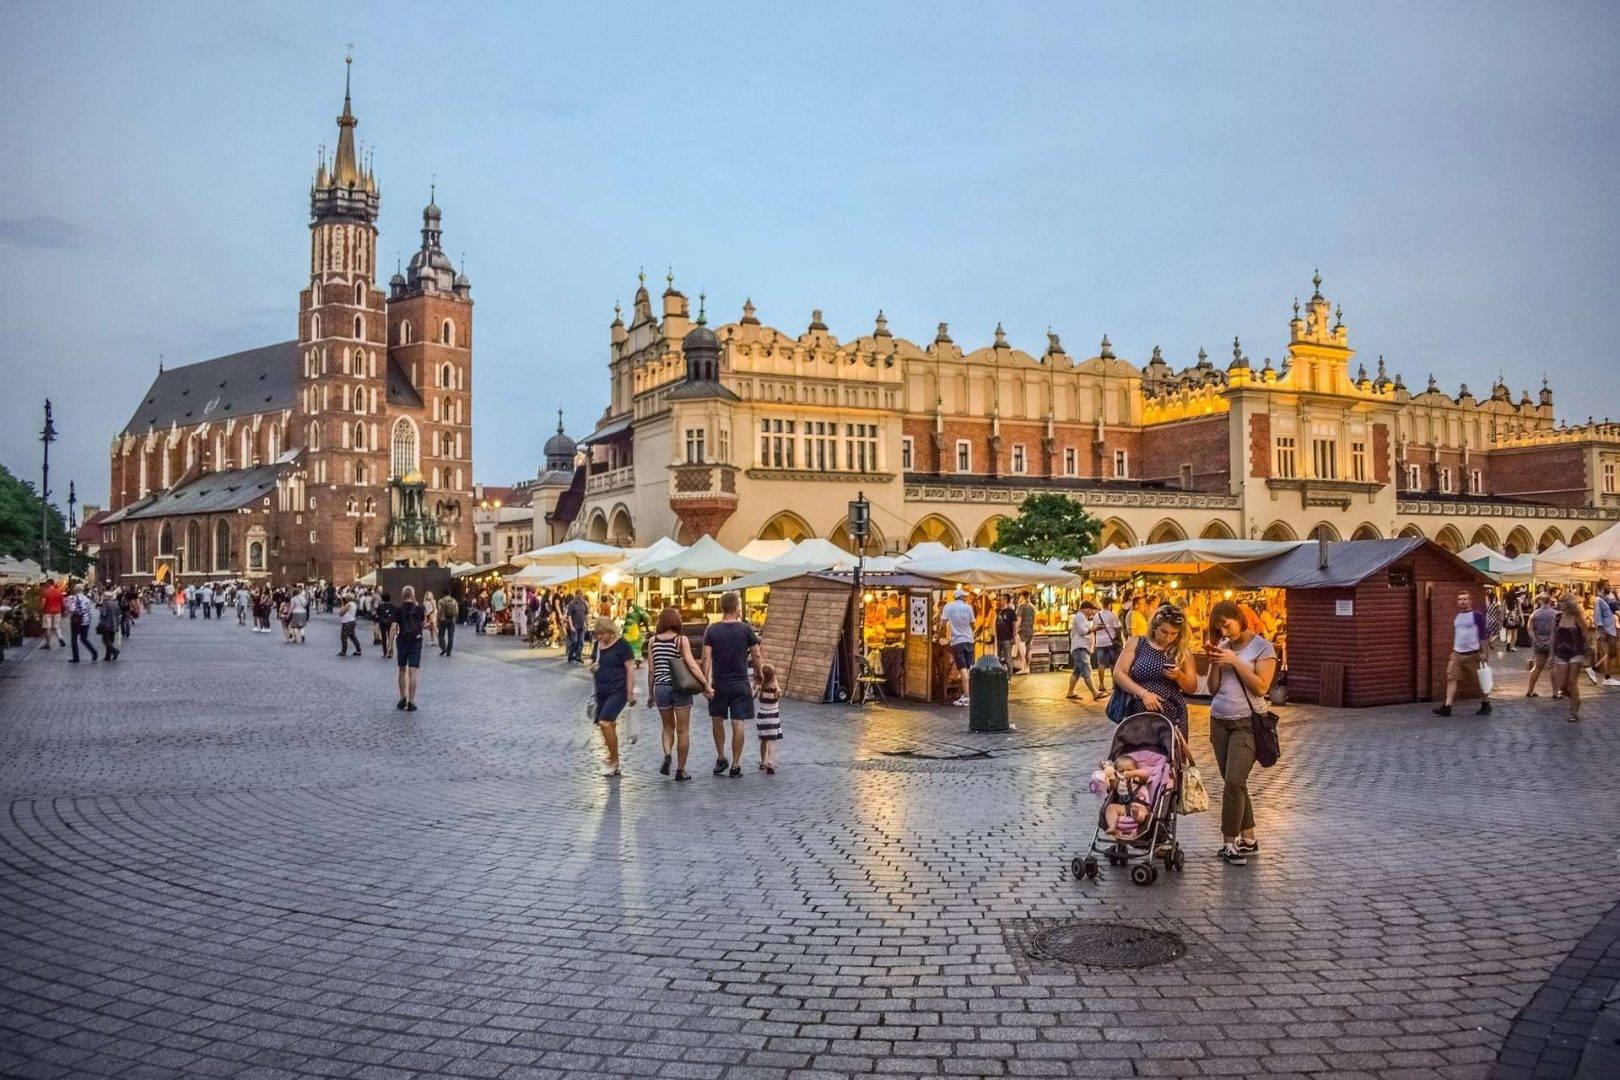 Wycieczka autokarowa do Krakowa i Wieliczki